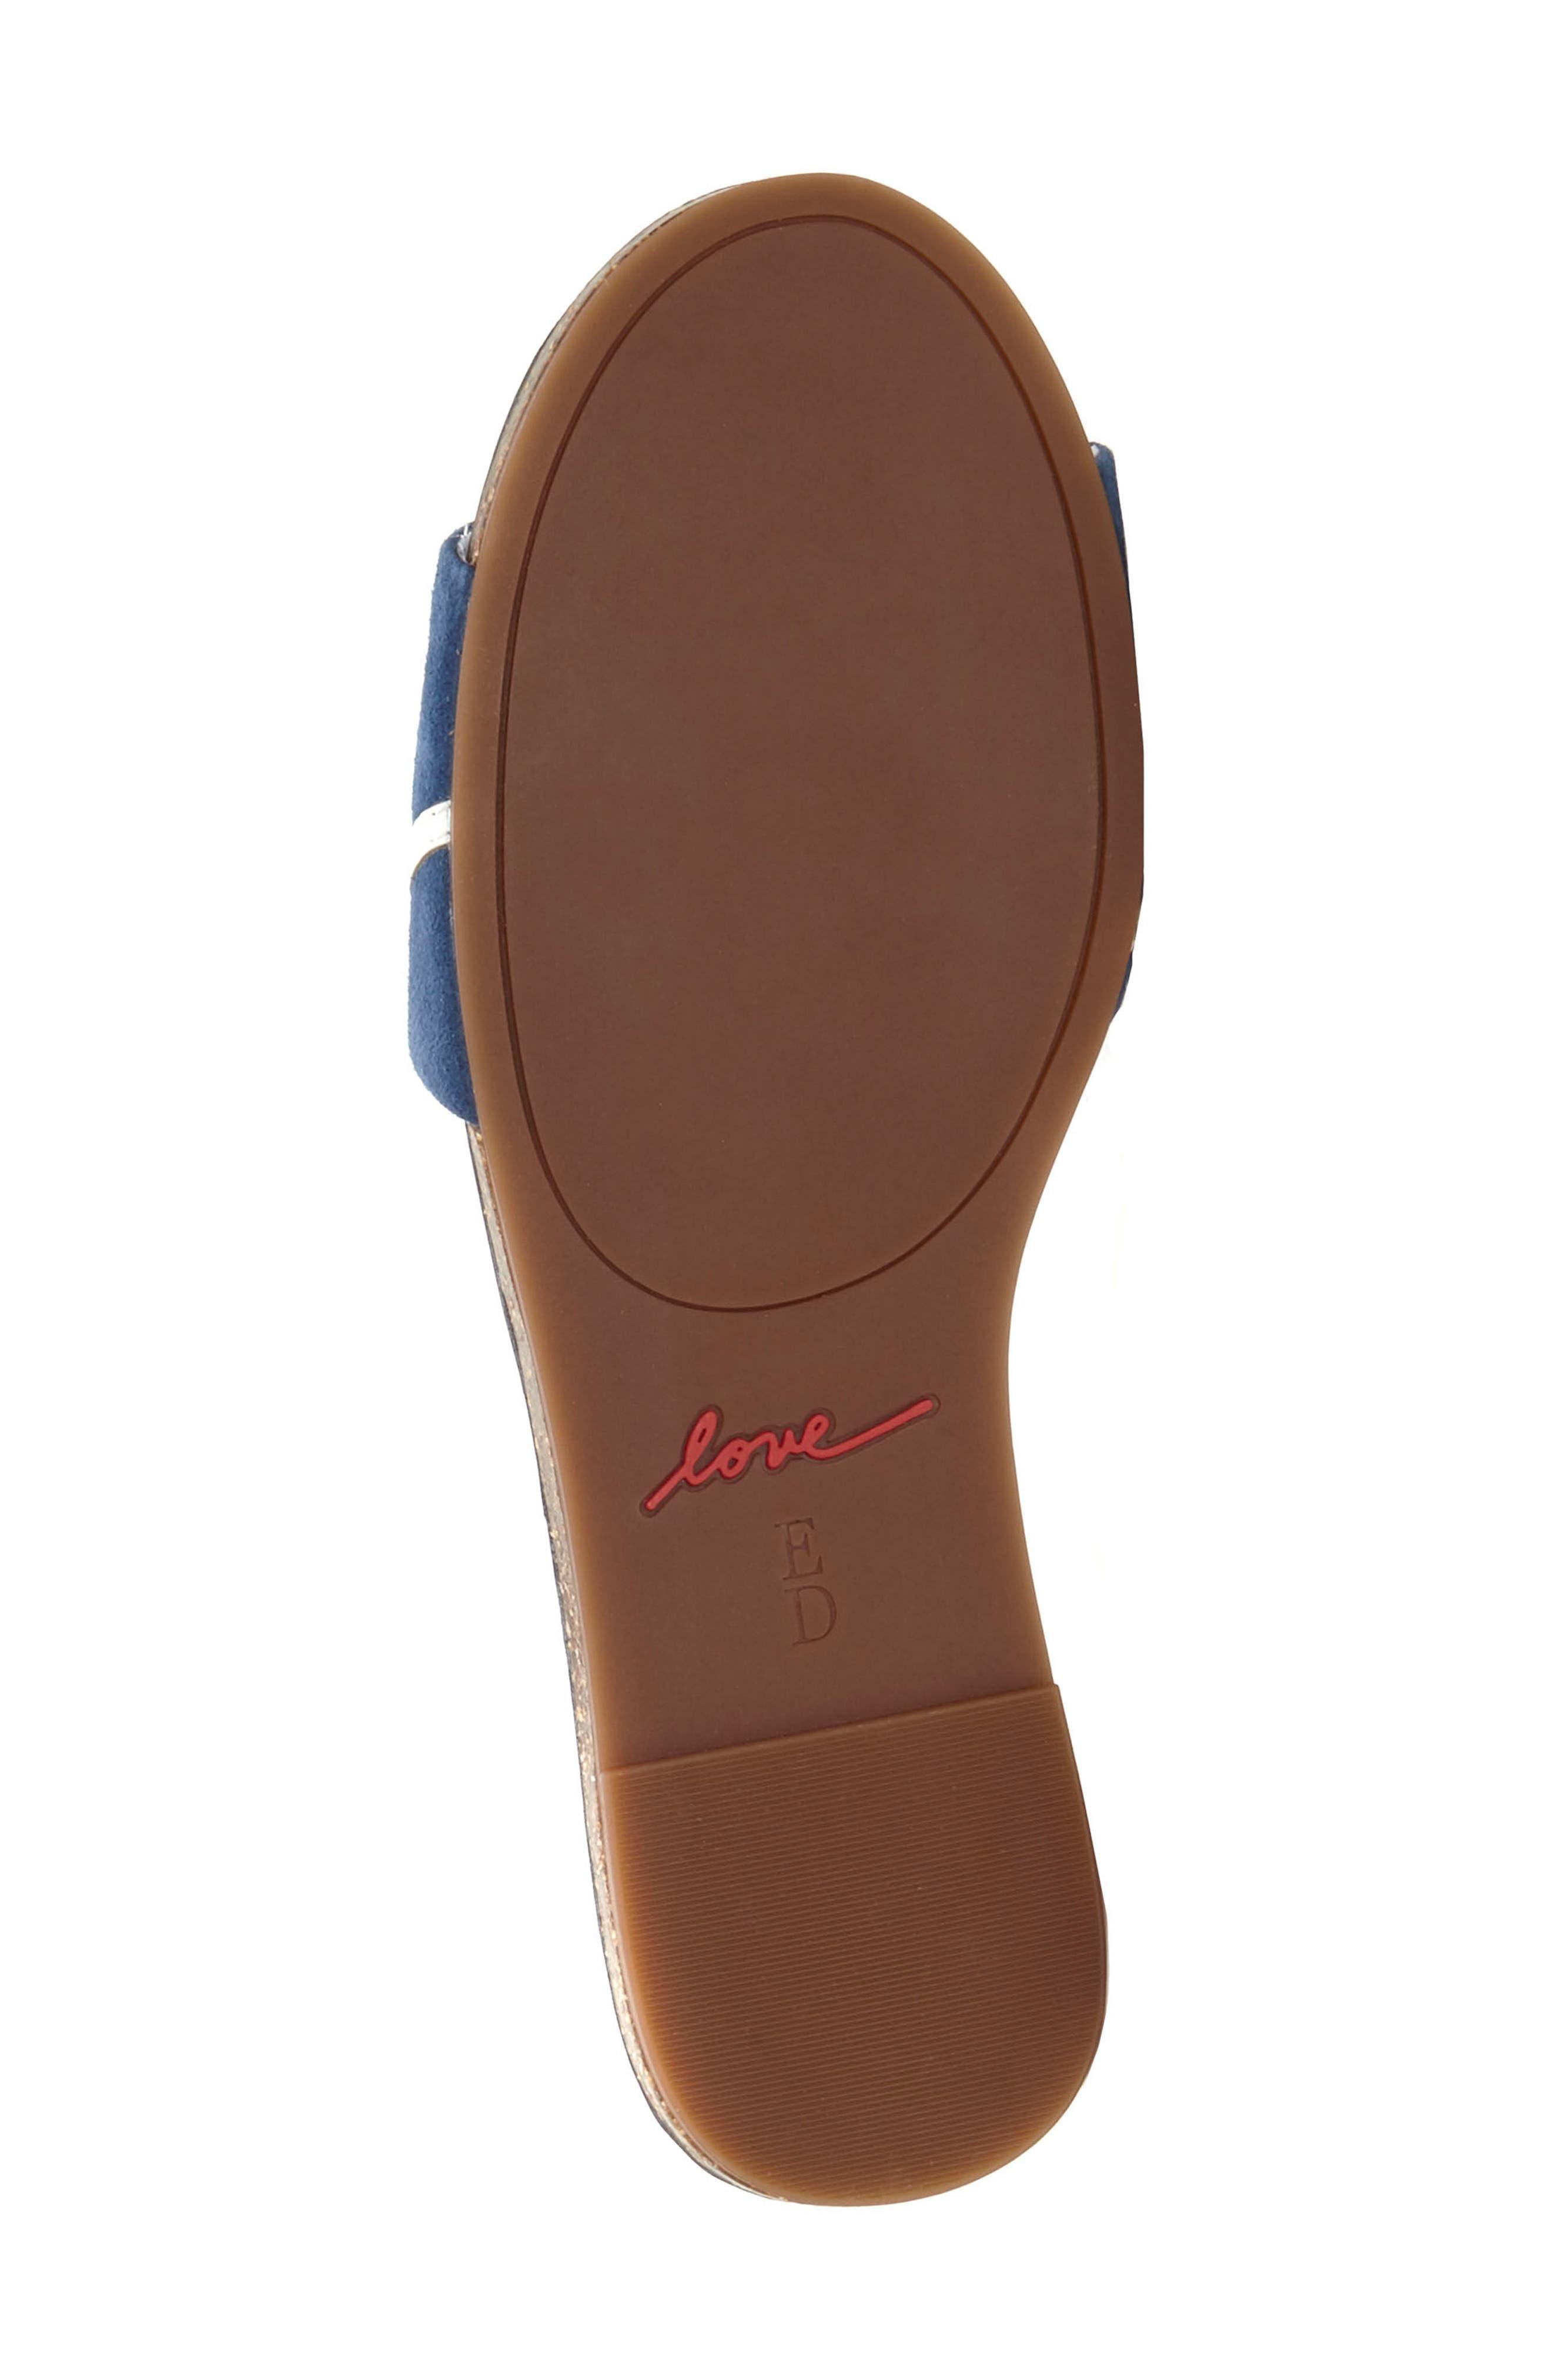 Sharlin Slide Sandal,                             Alternate thumbnail 6, color,                             Oxford Blue/ Milk